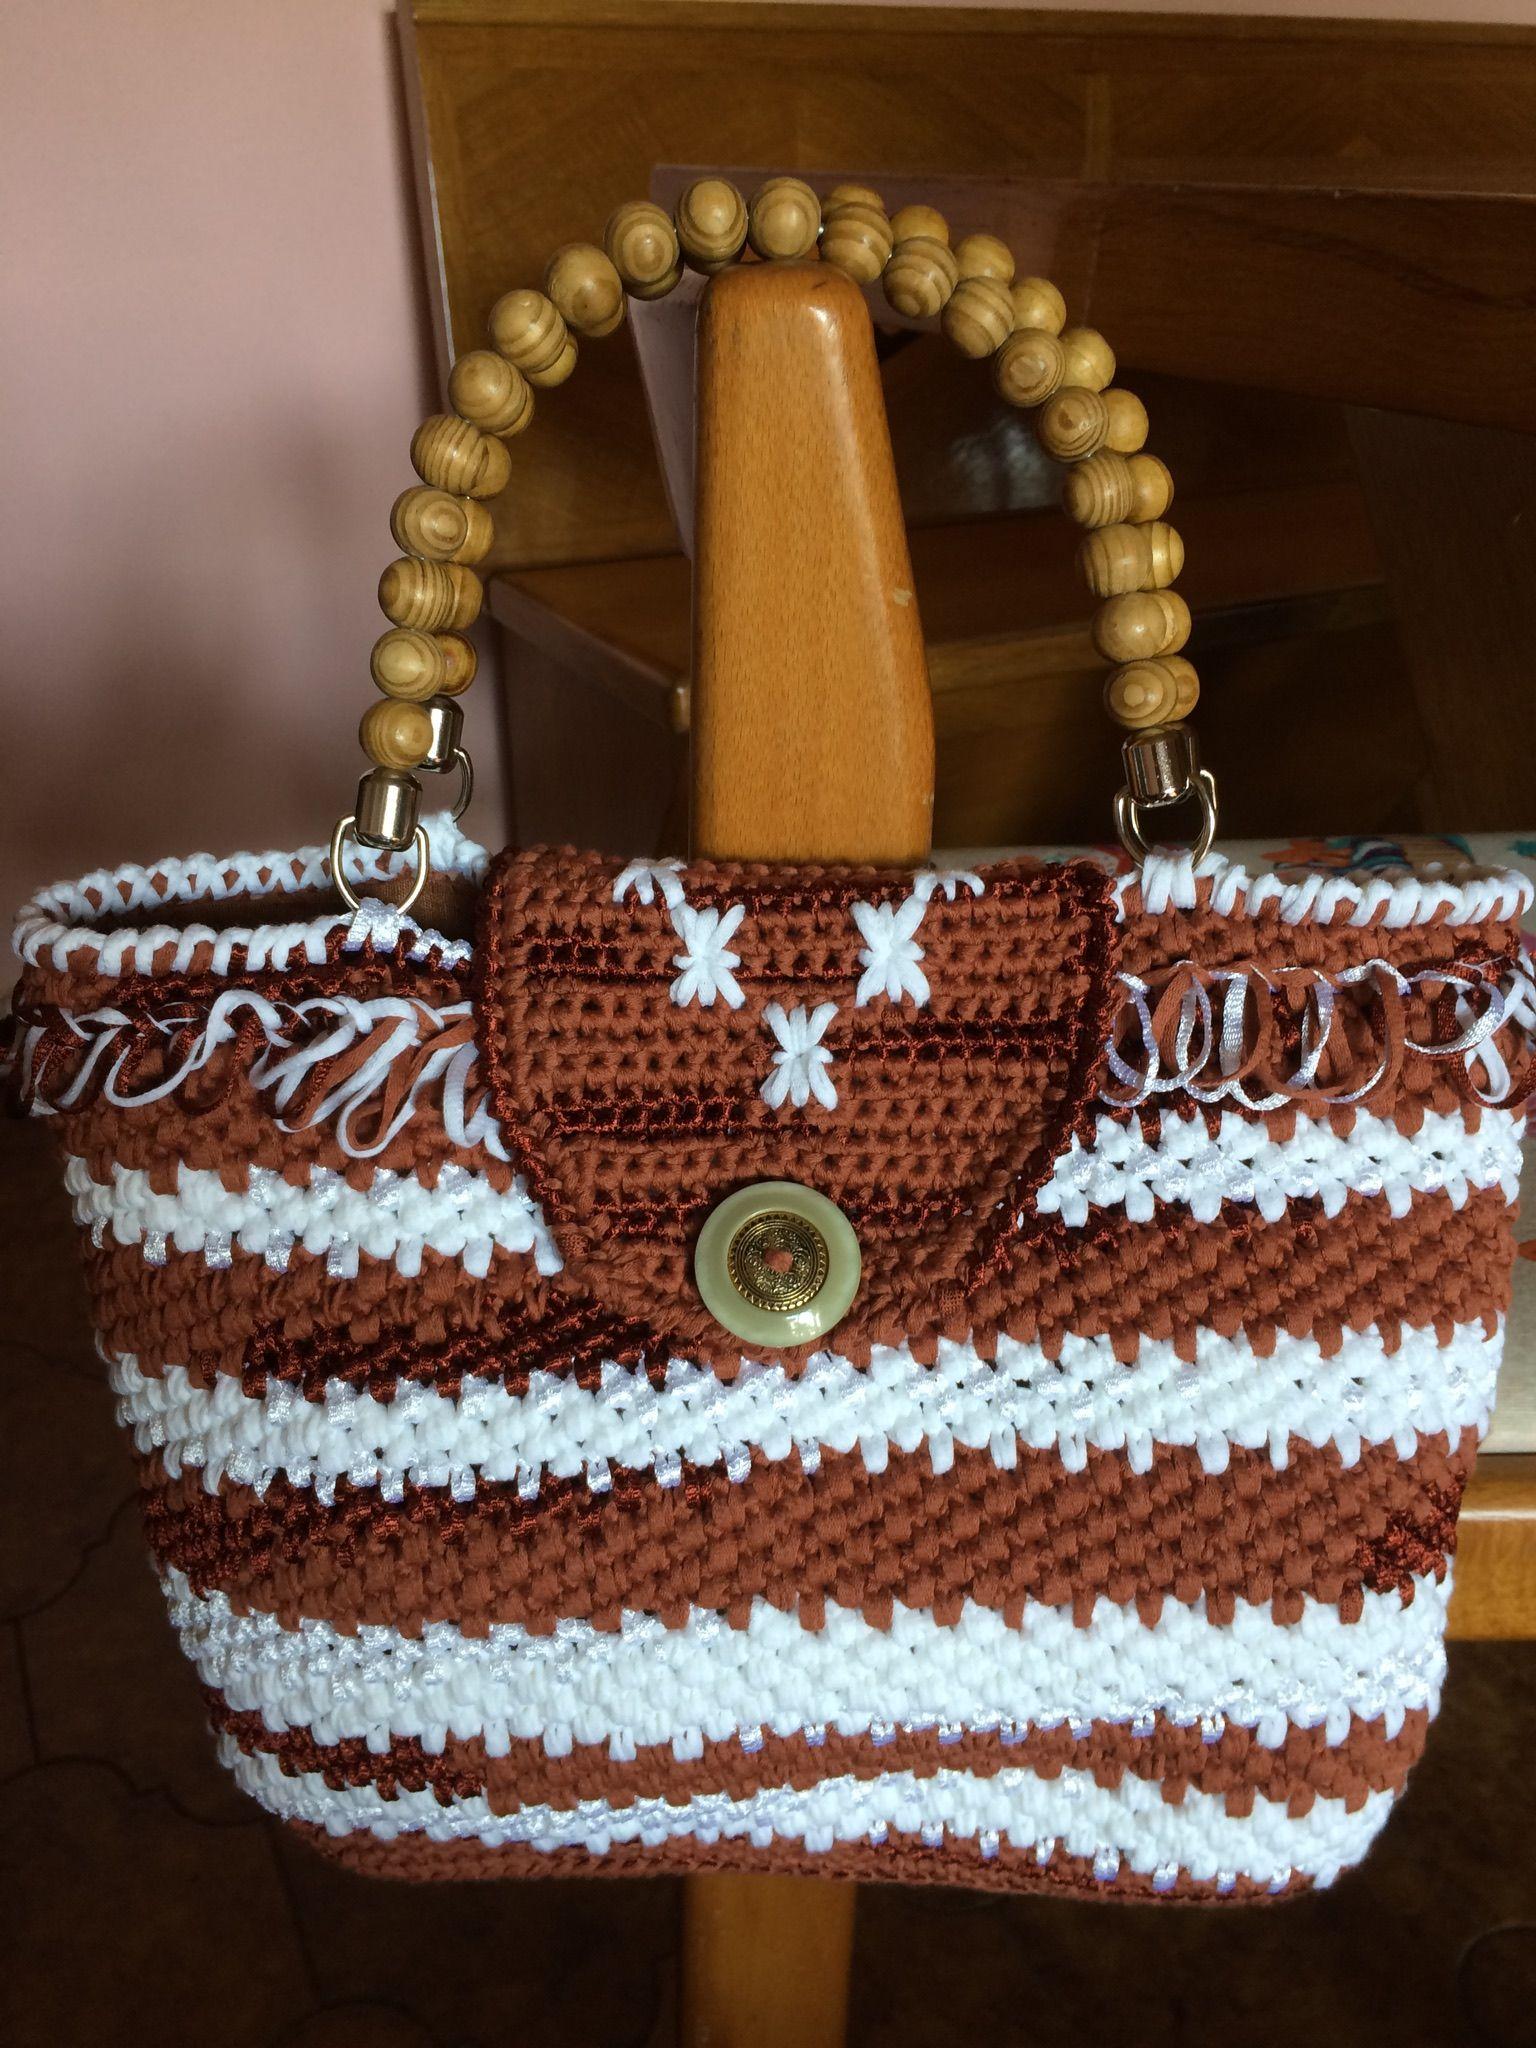 Borsa uncinetto in fettuccia due colori bottone gioiello e manici in perle di legno